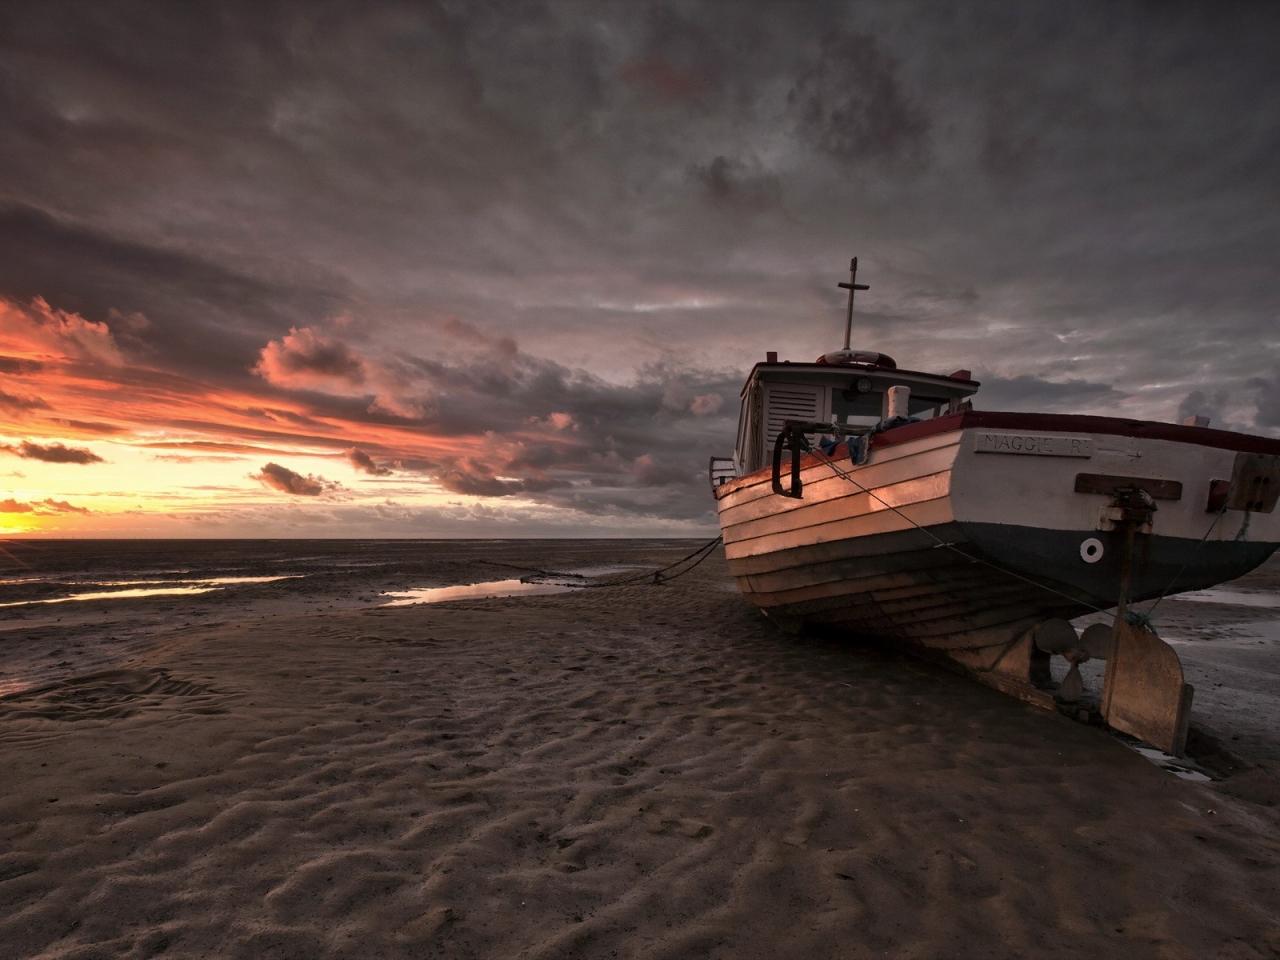 Un bote en la playa - 1280x960